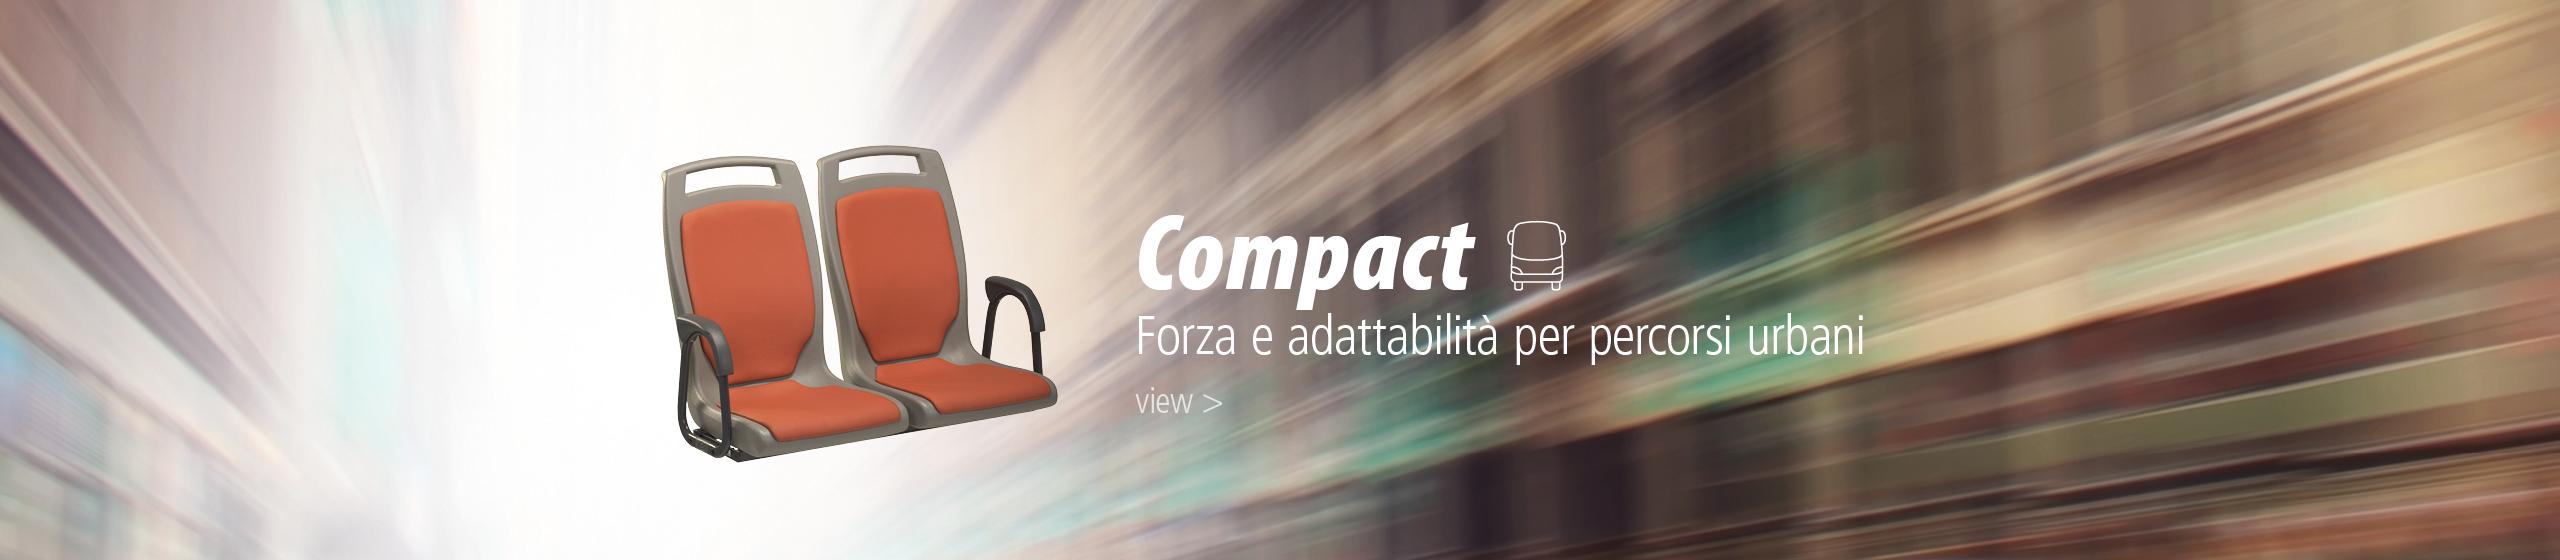 lazzerini compact